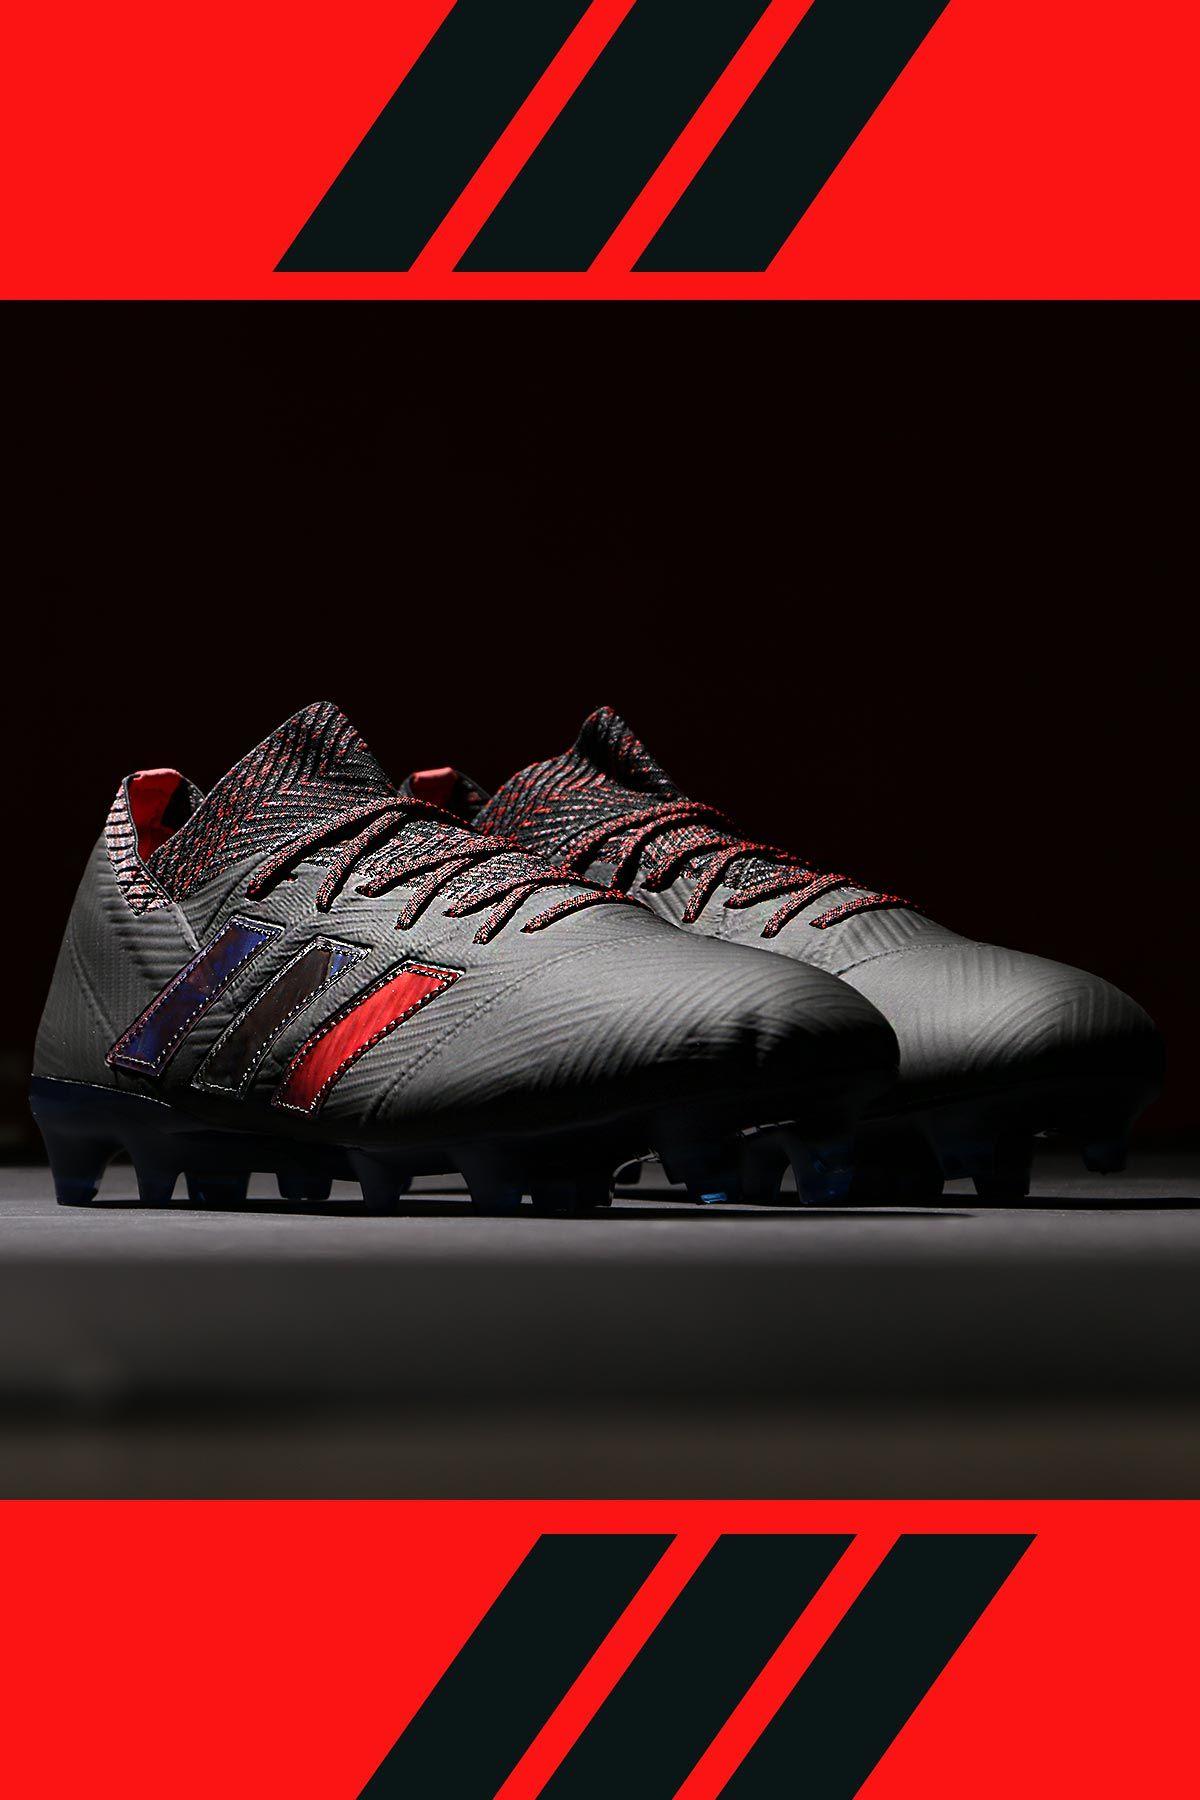 0f2e8ae240a Aquí están las nuevas botas de fútbol adidas Nemeziz de la colección  Archetic Pack 🙌 #